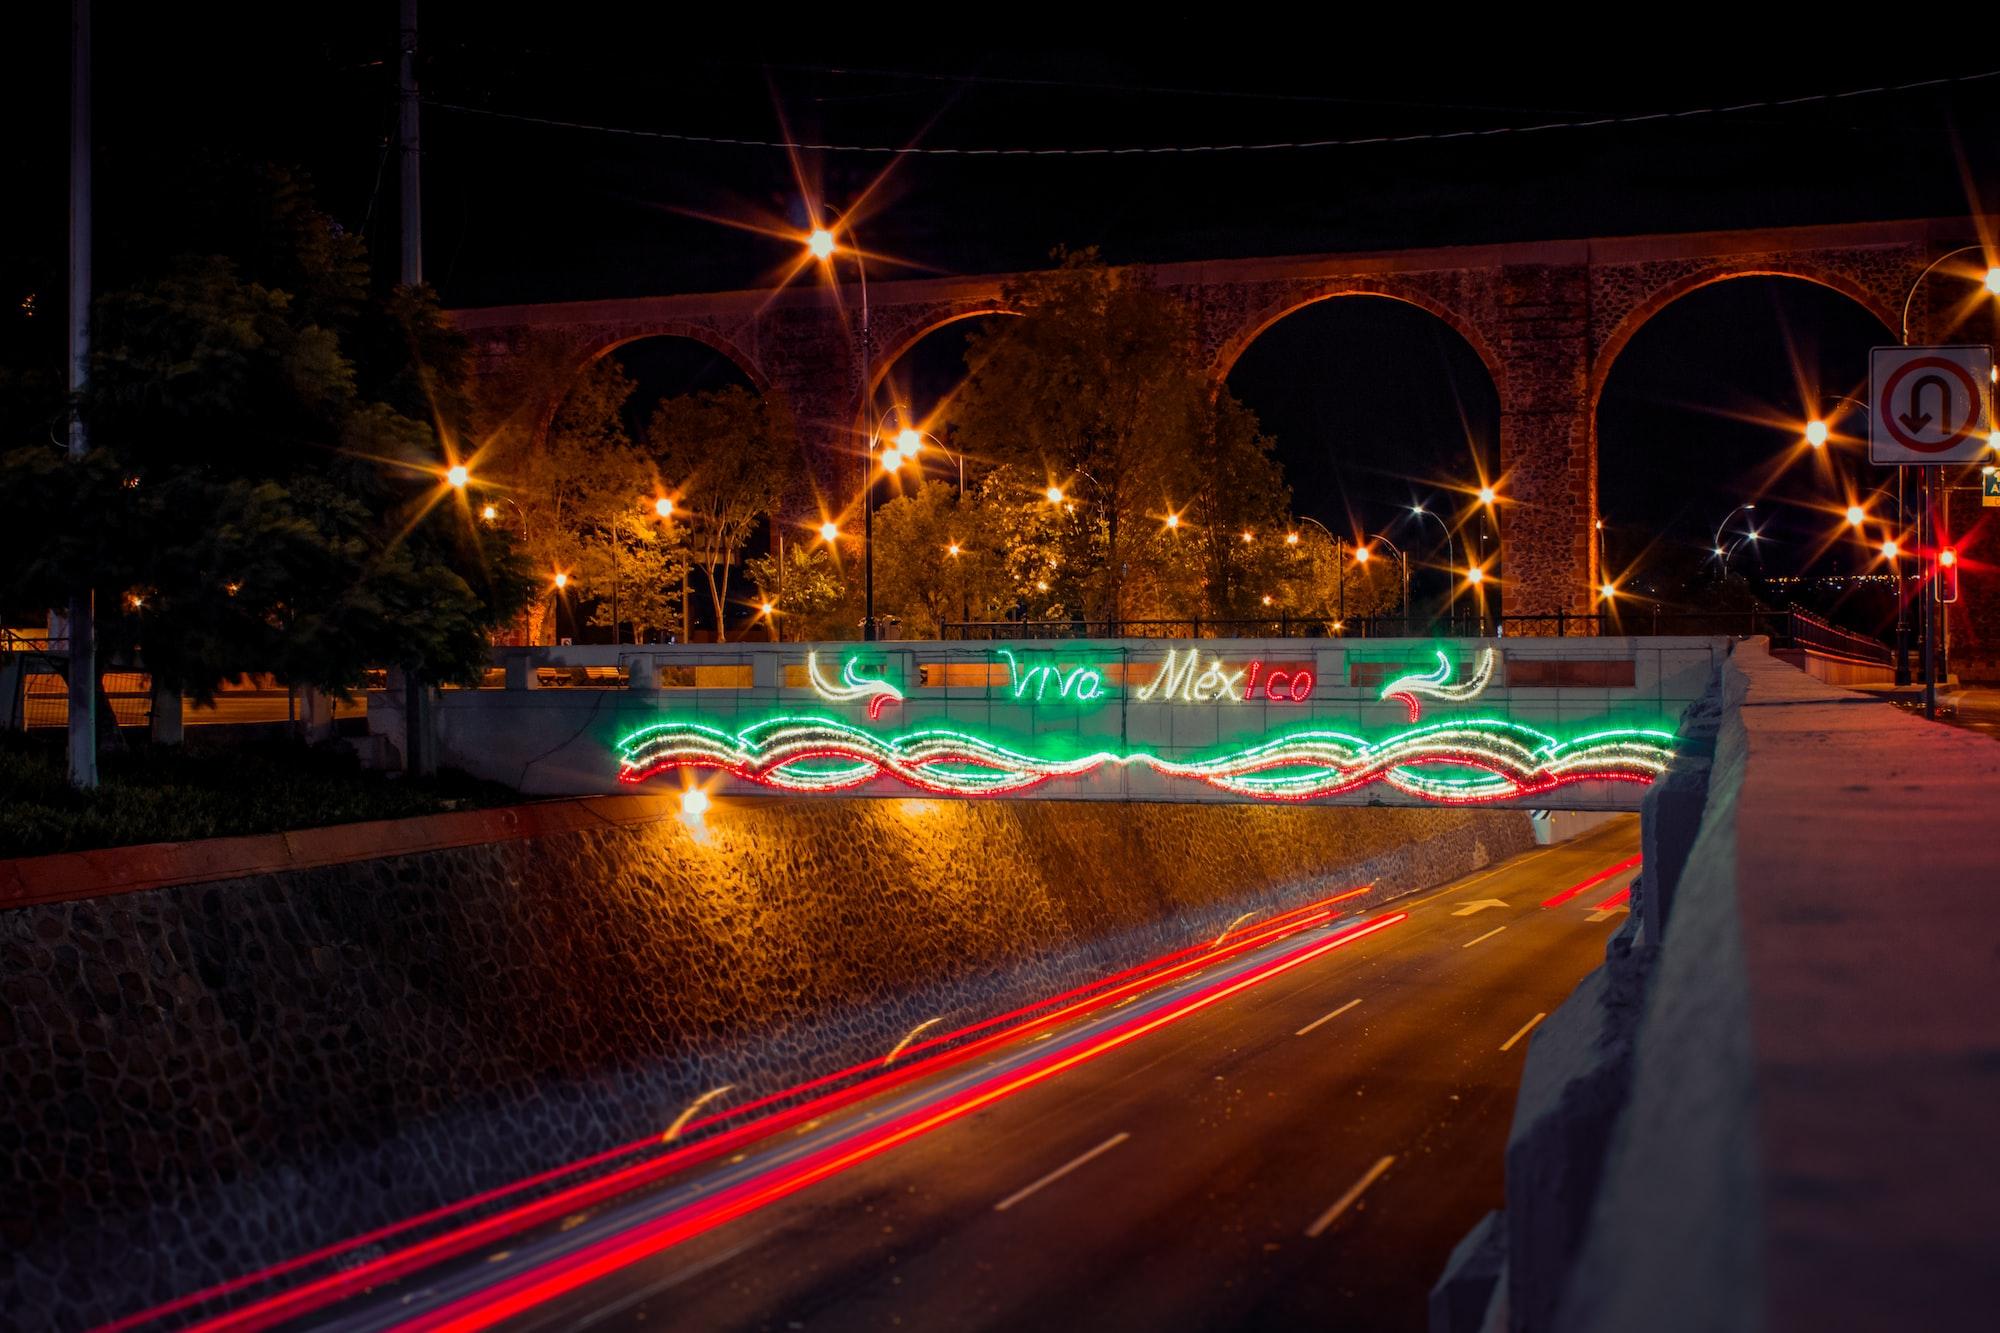 Viva México. Adornos por ´Día de la Independencia' bajo los Arcos de Querétaro, Querétaro.